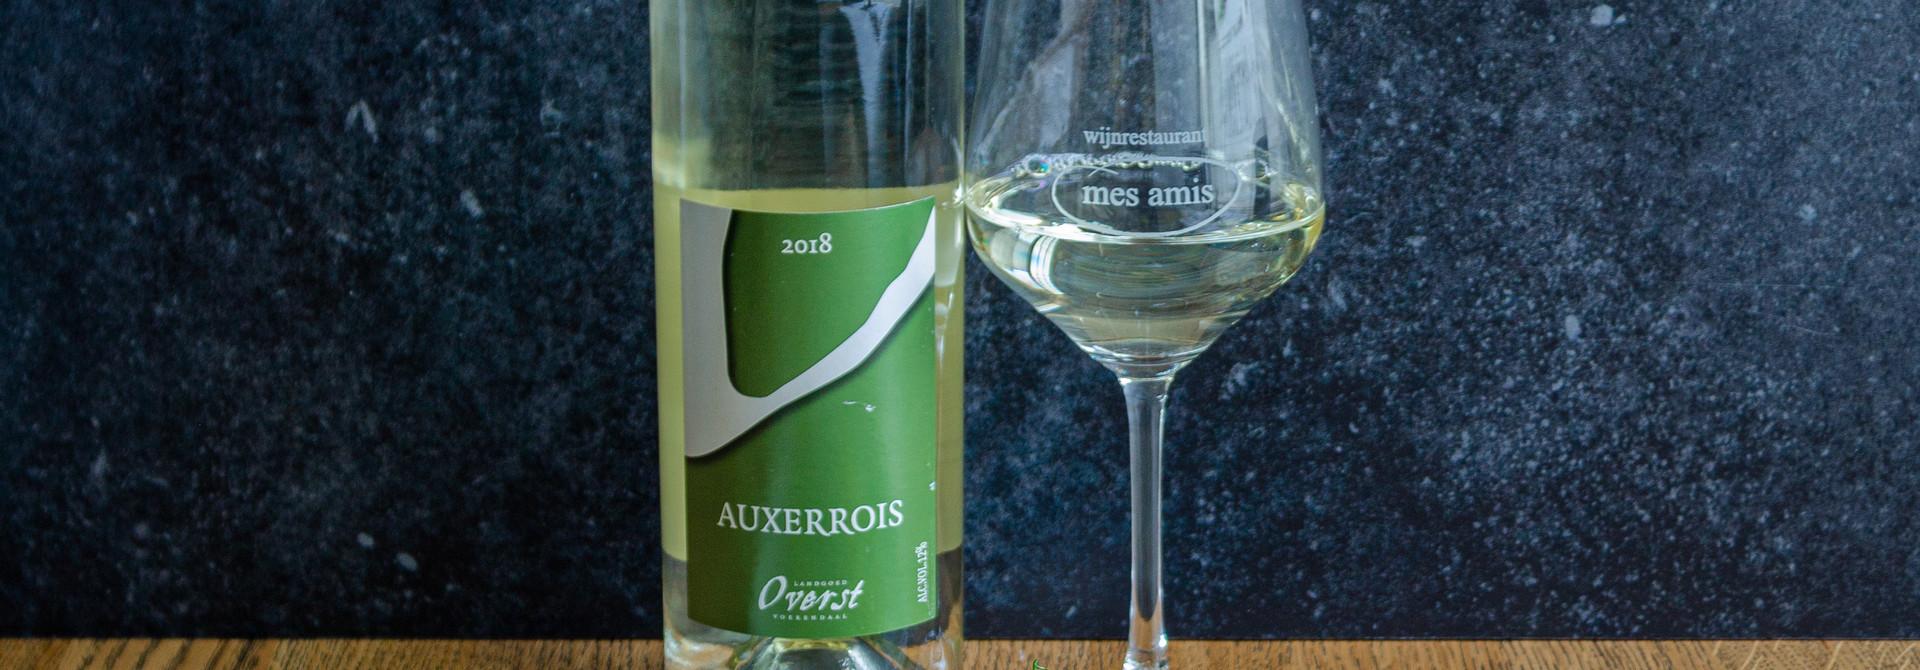 Wijn/spijs box: asperge flamande + fles wijn